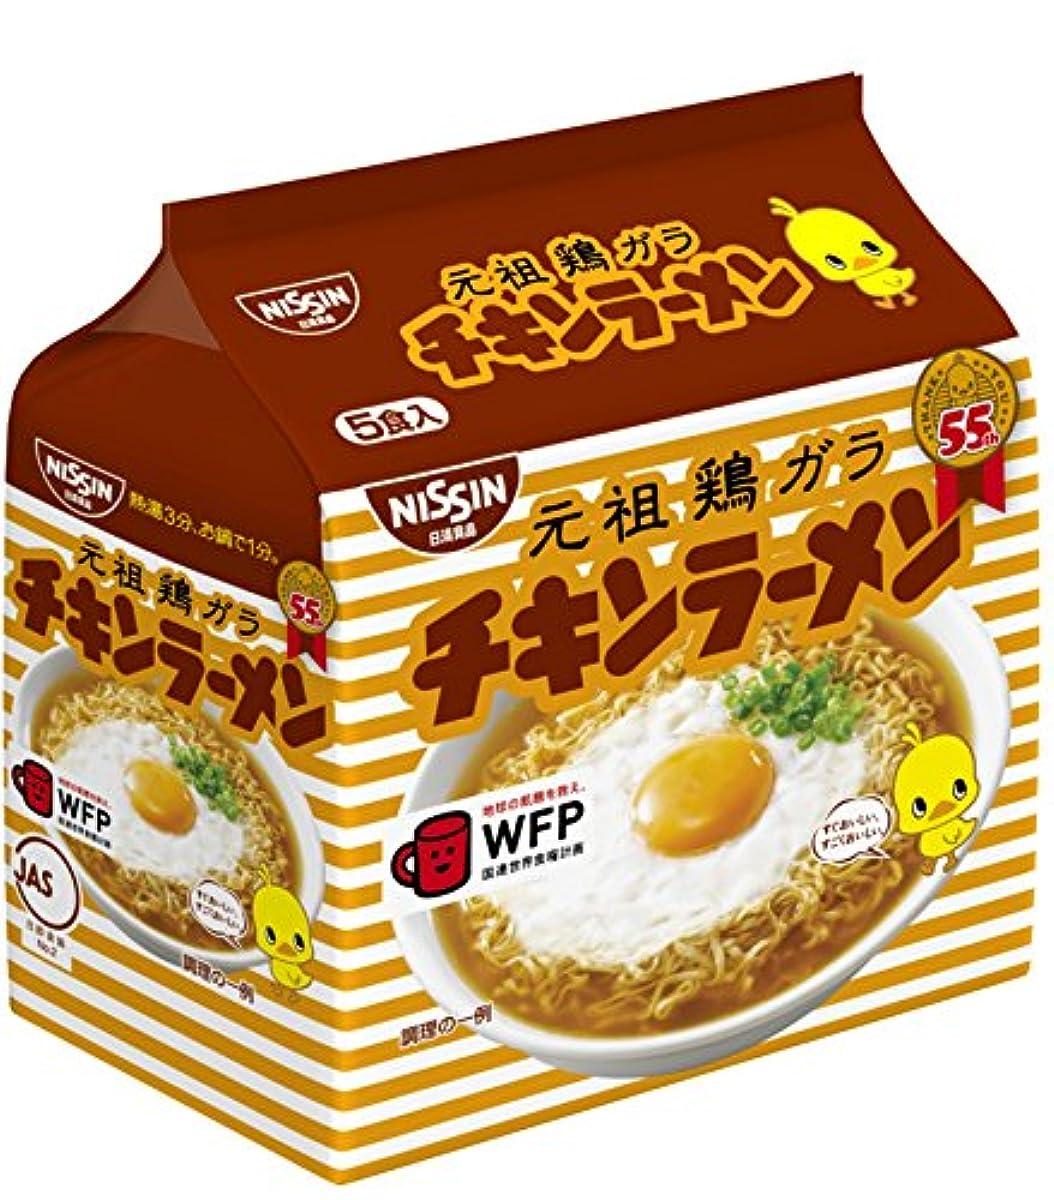 닛신 치킨 라면 5봉지*